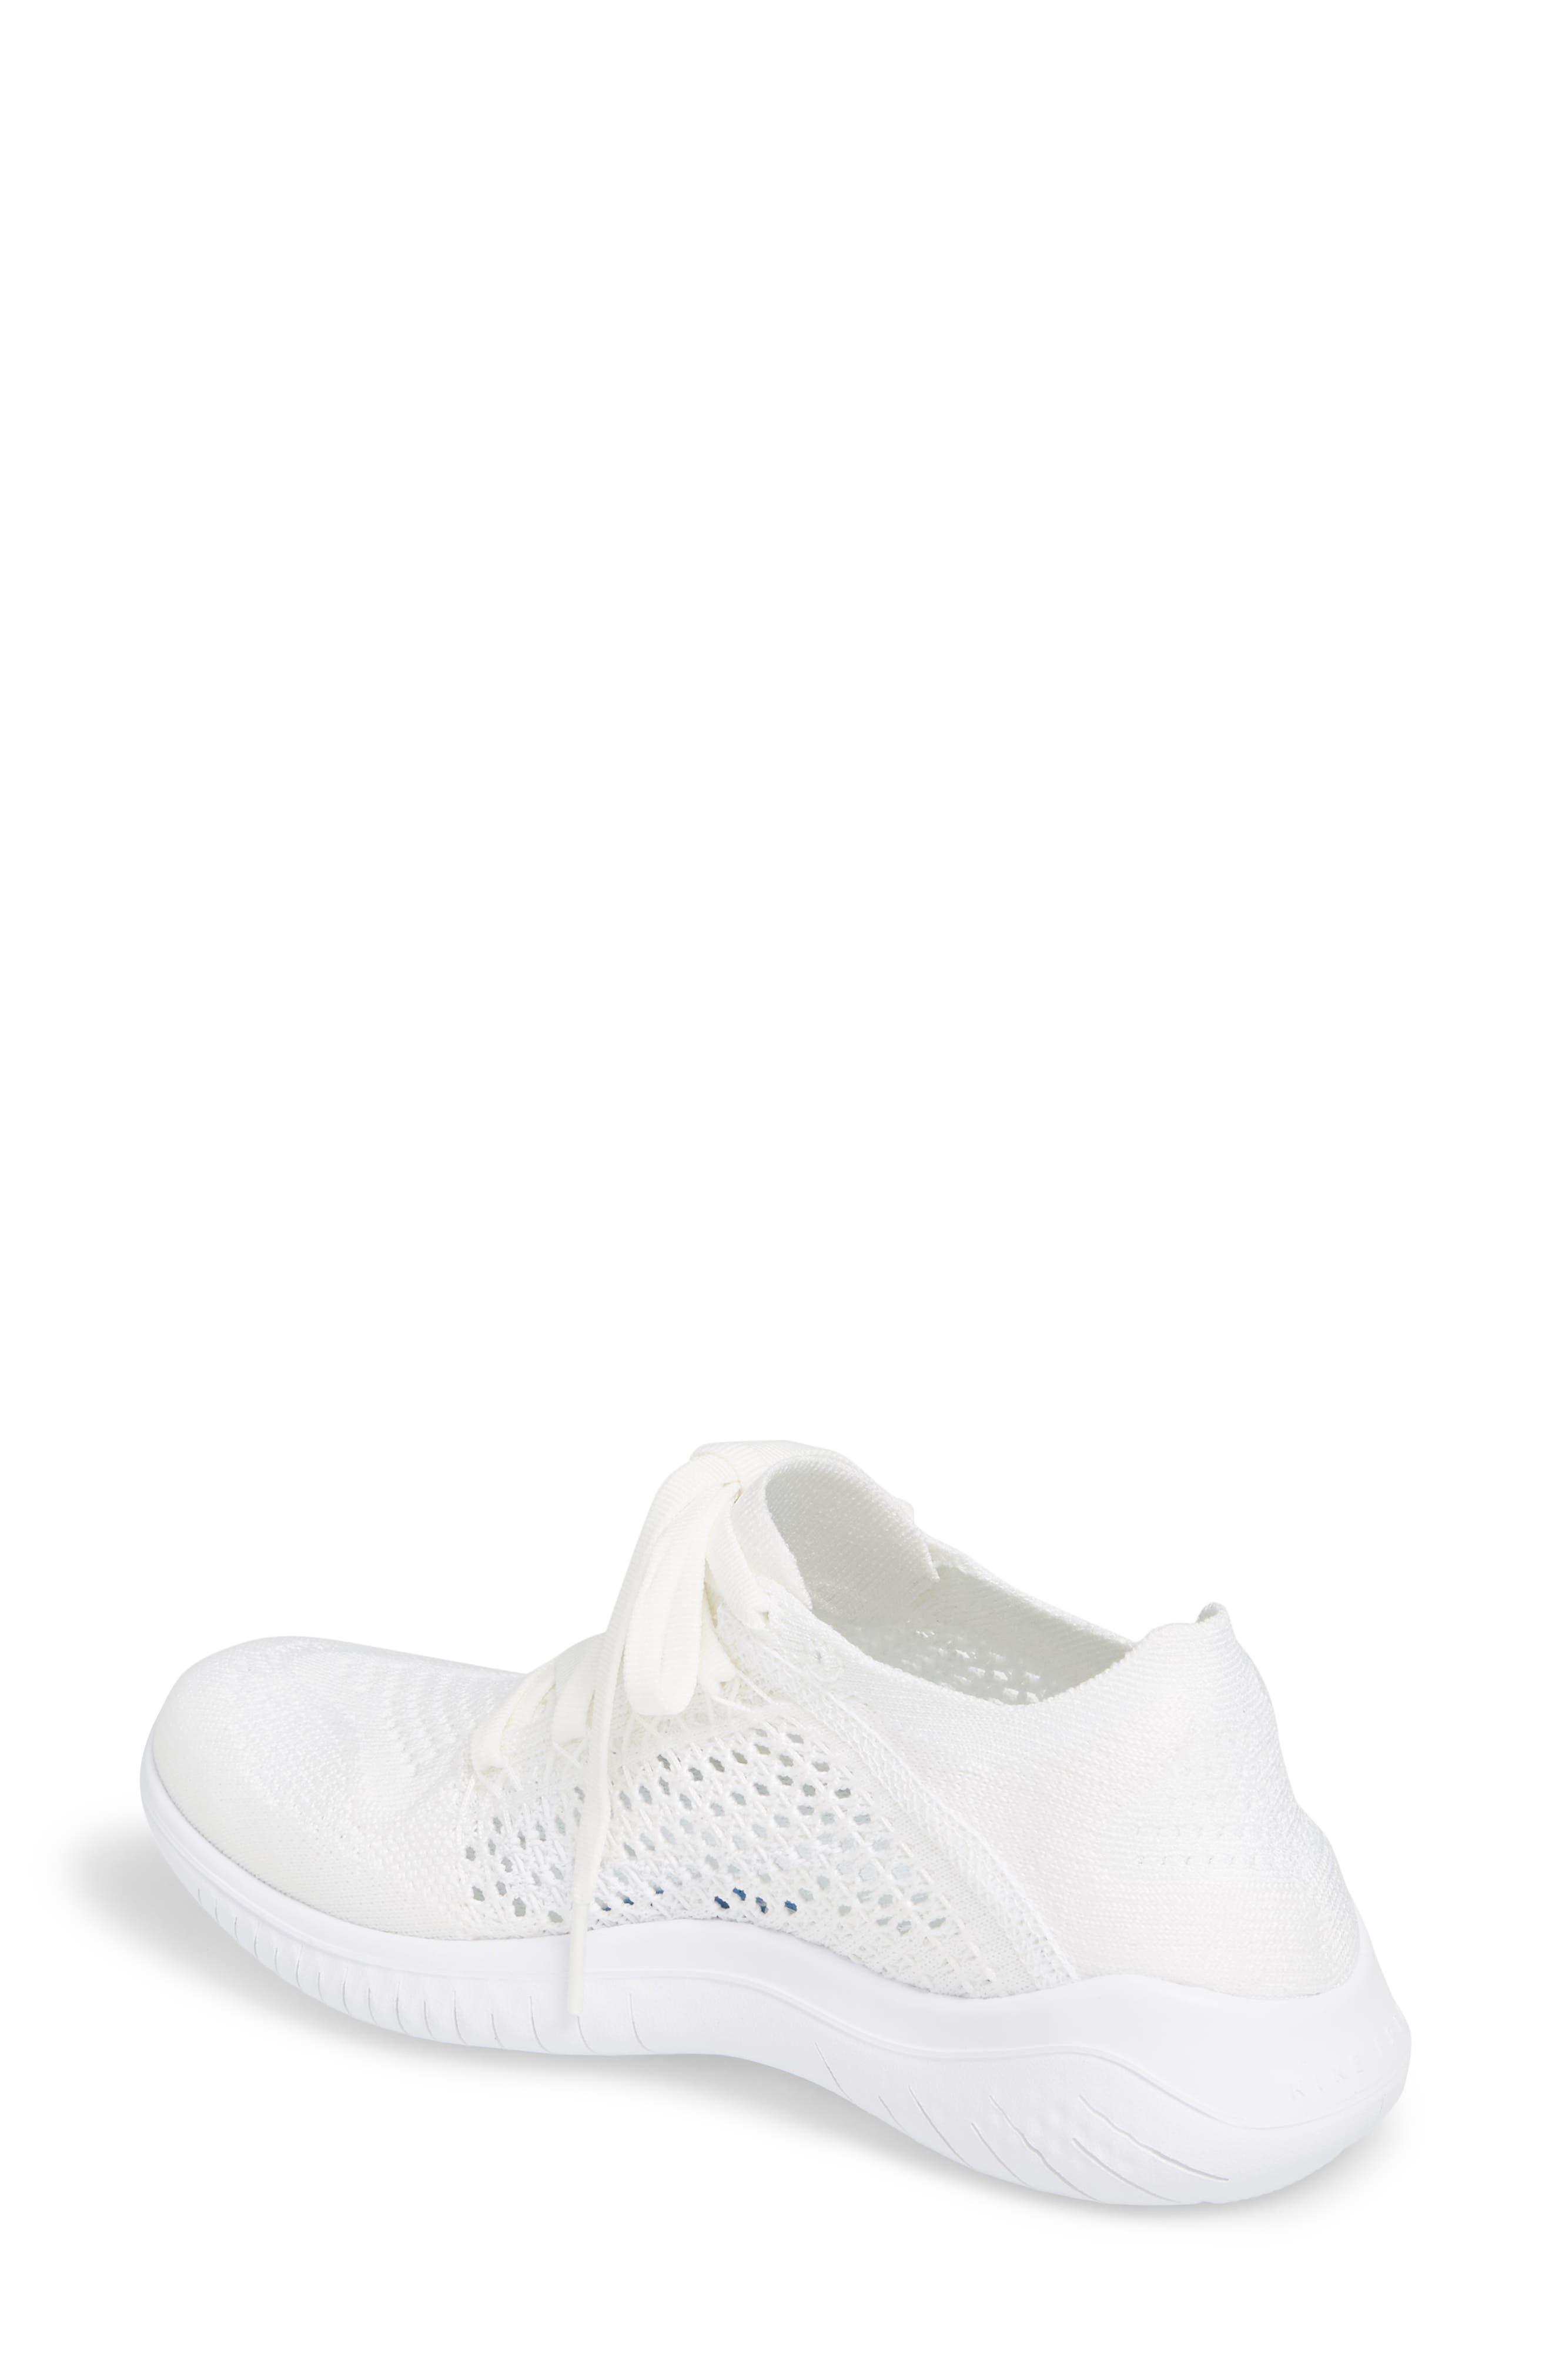 Free RN Flyknit 2018 Running Shoe,                             Alternate thumbnail 2, color,                             White/ White